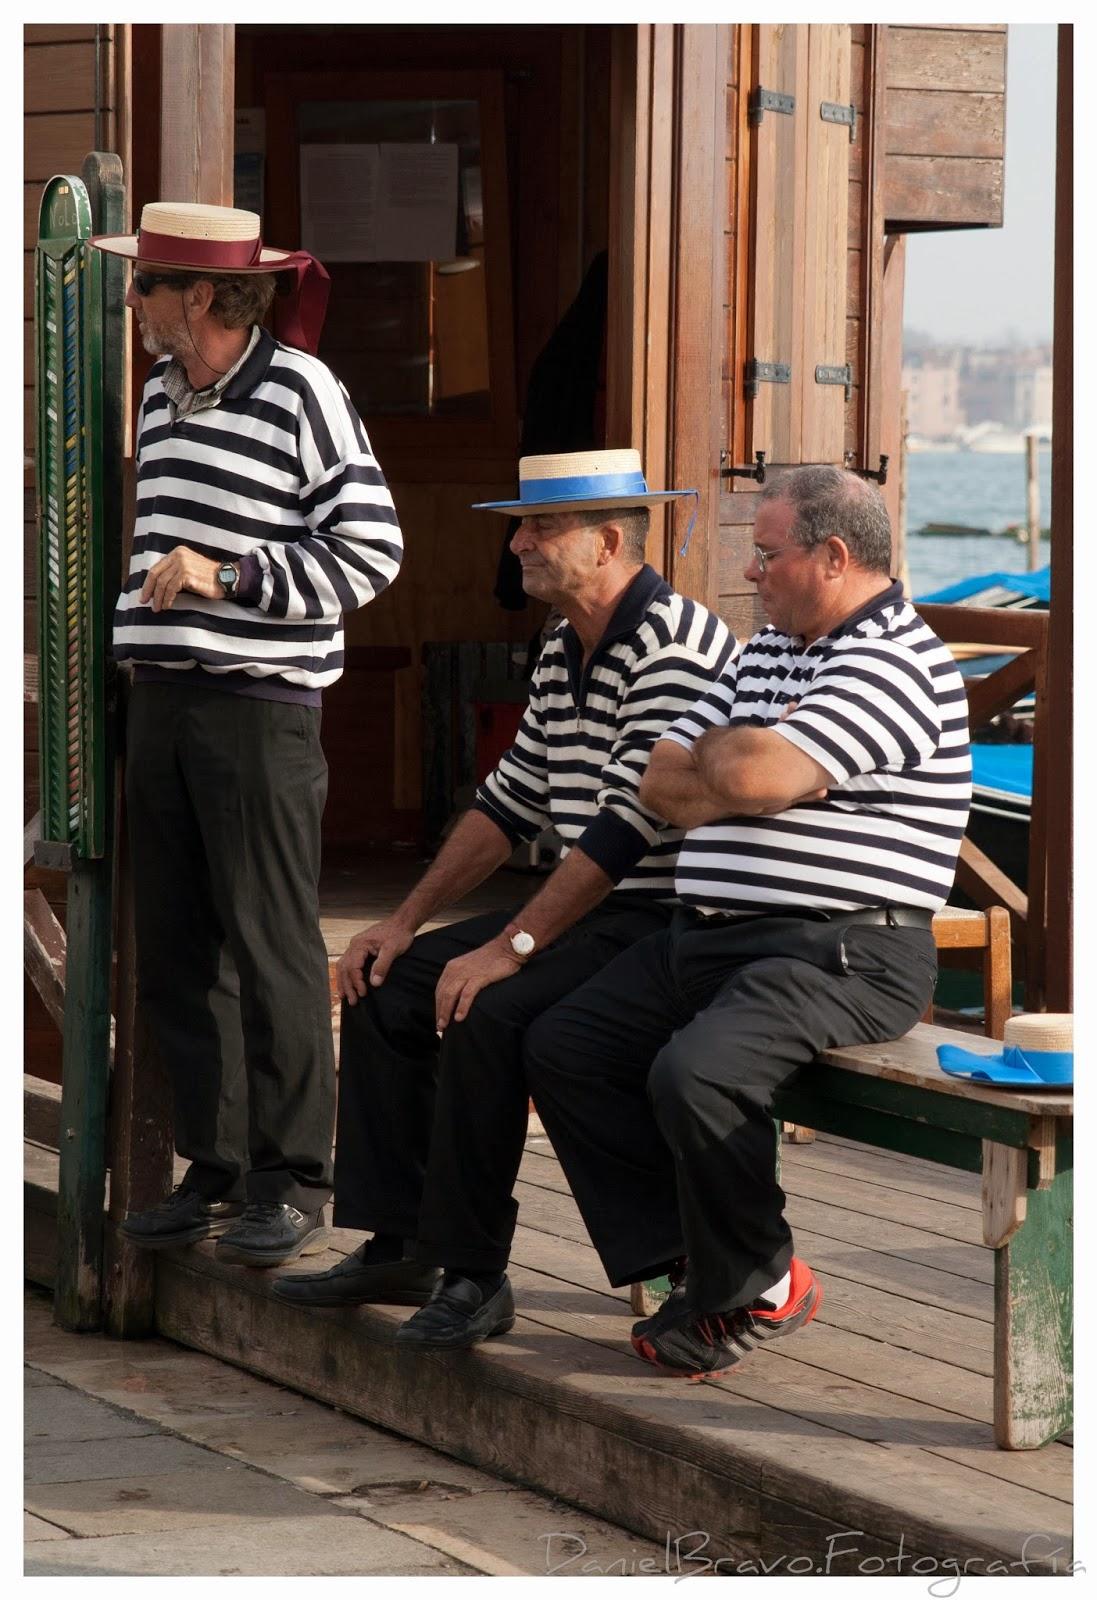 Tres gondoleros vestidos con traje típico reunidos y sentados fumando